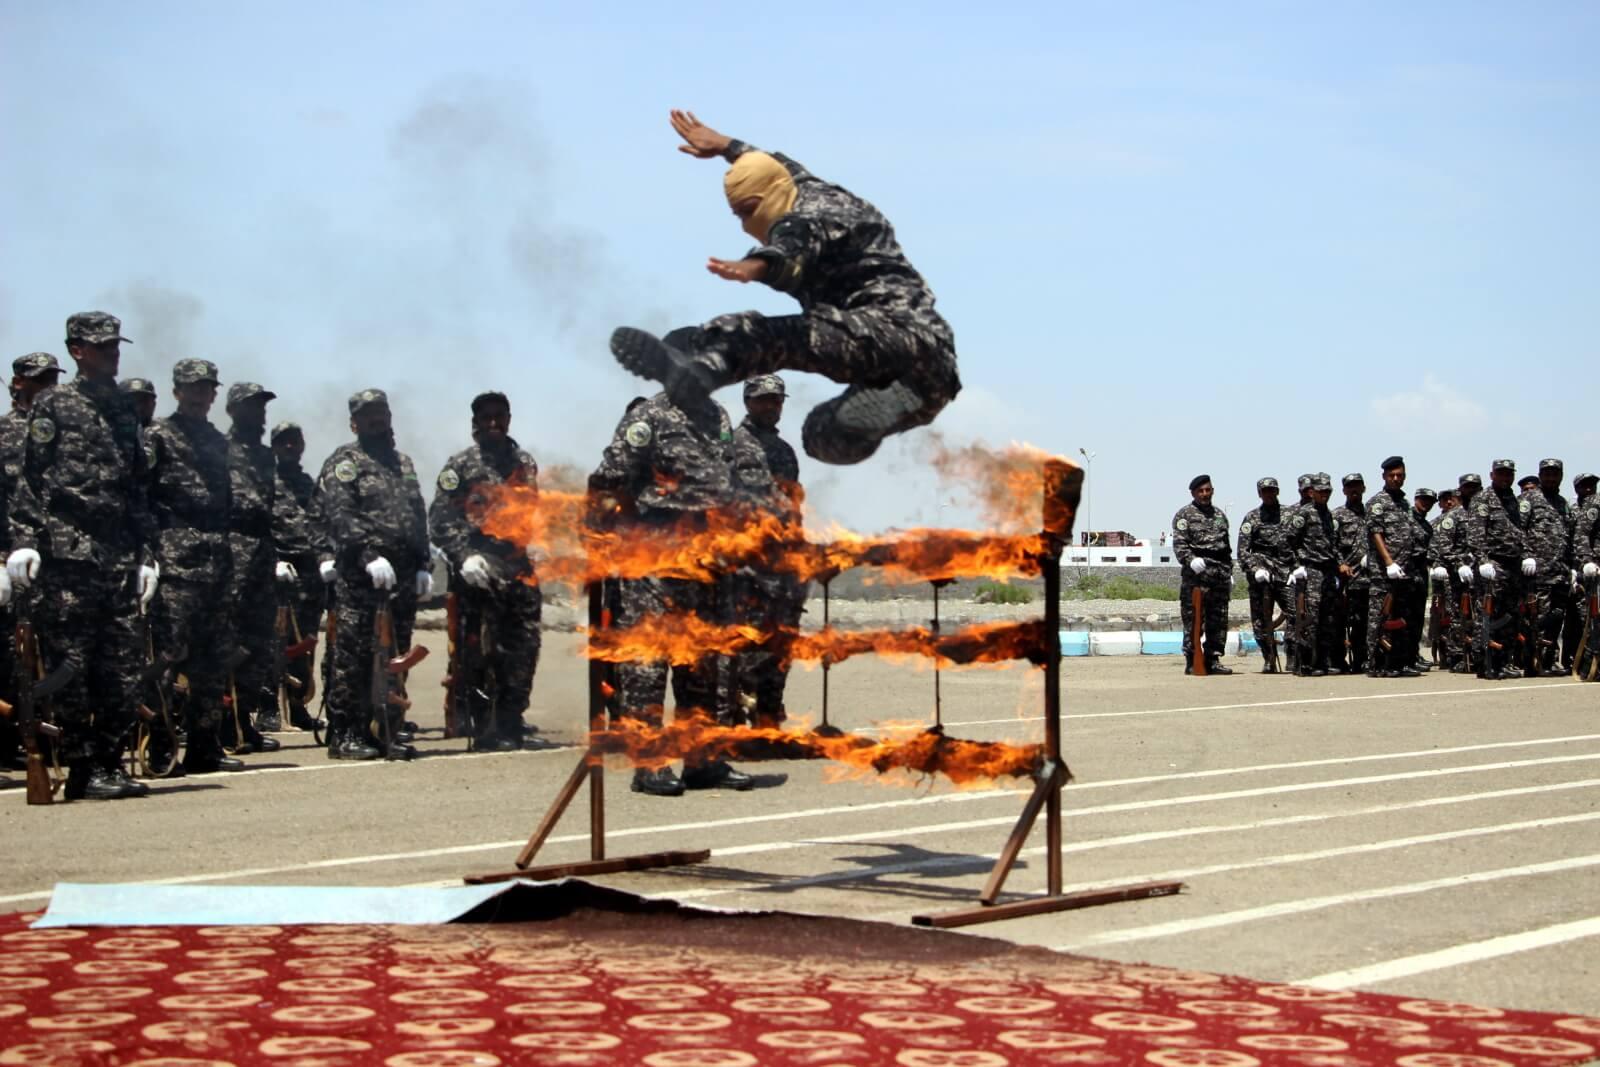 Parada wojskowa w Jemenie fot. EPA/NAJEEB ALMAHBOOBI